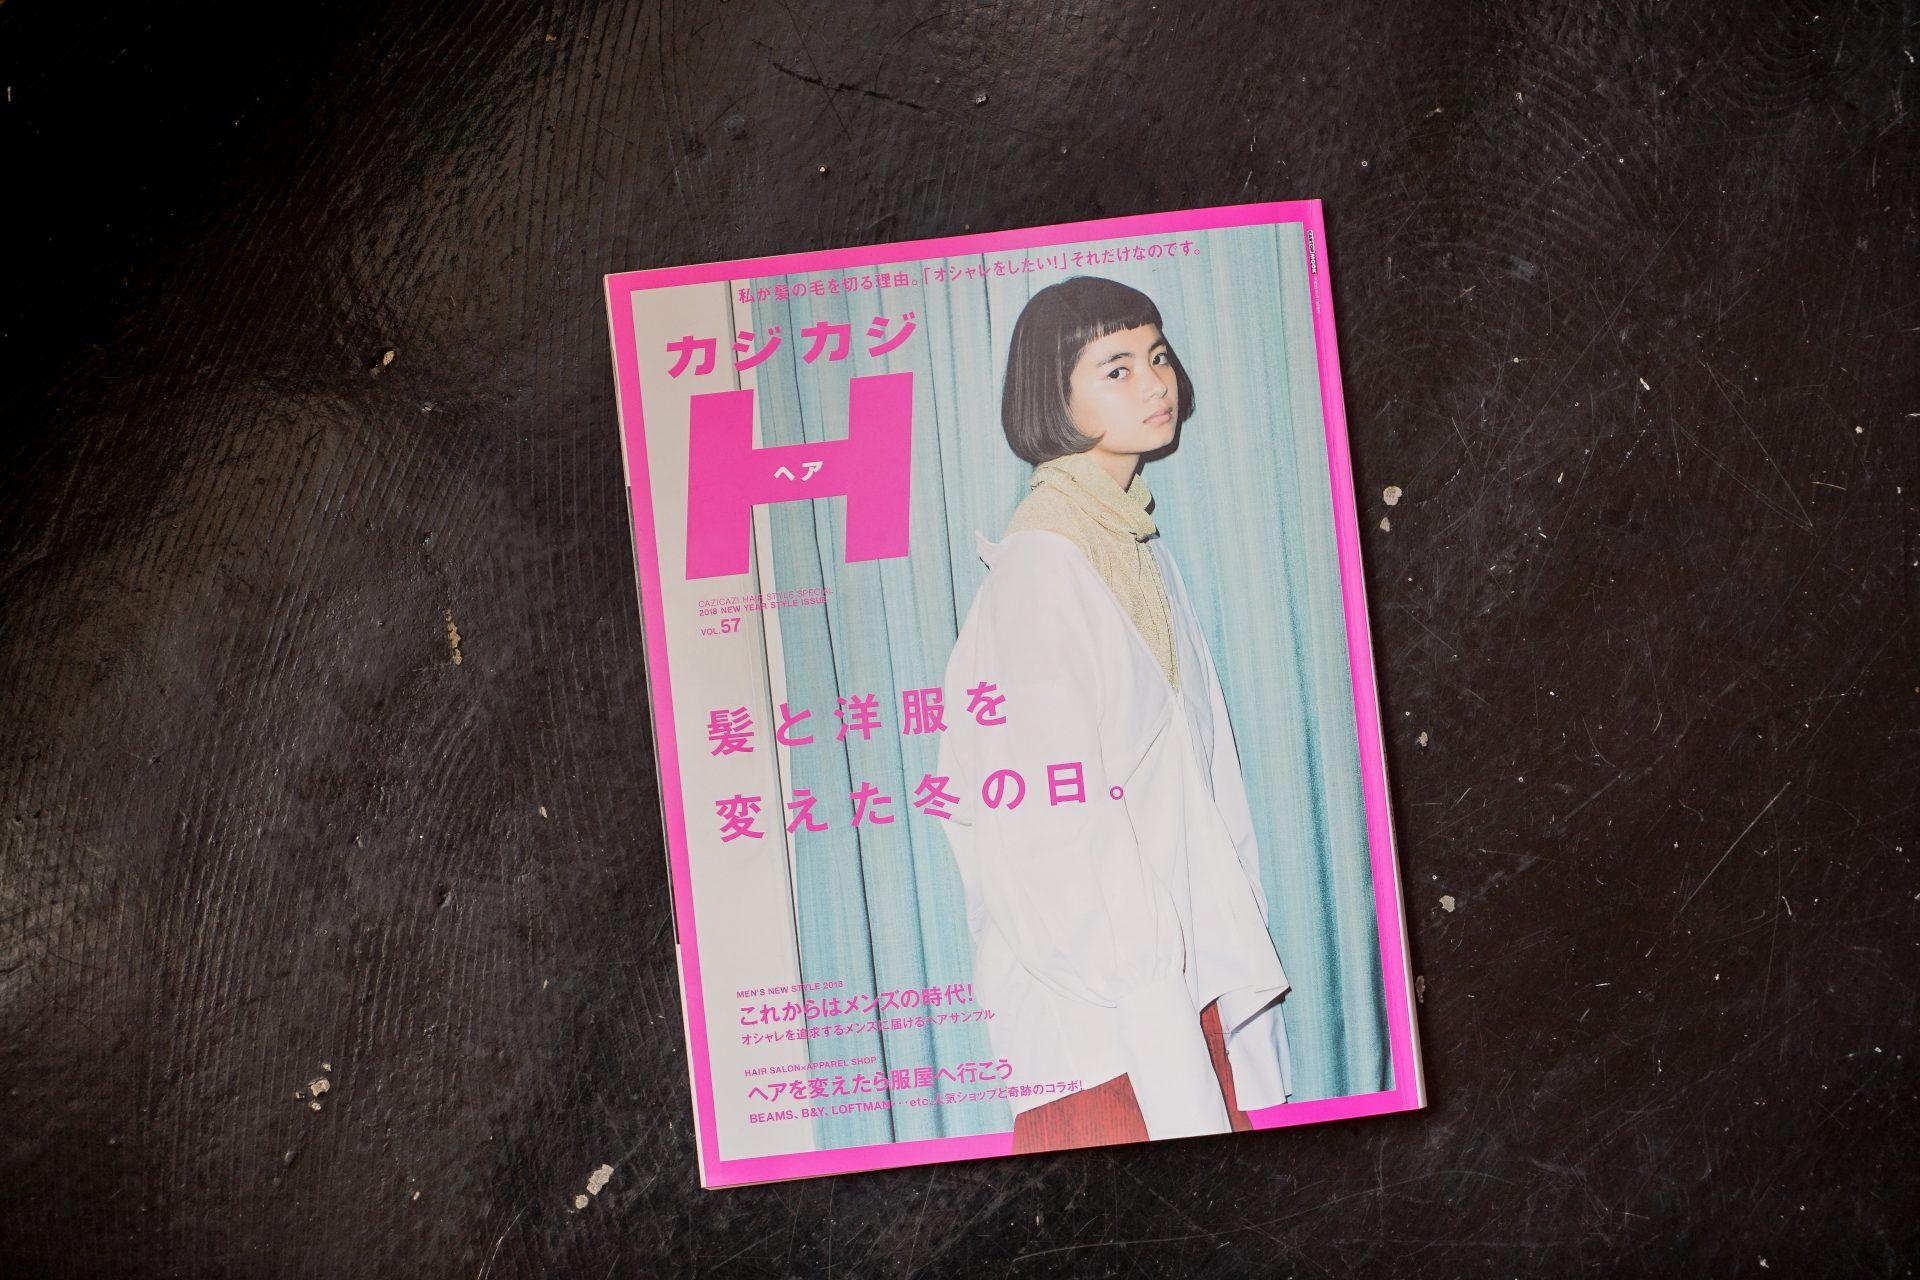 カジカジヘア vol.57